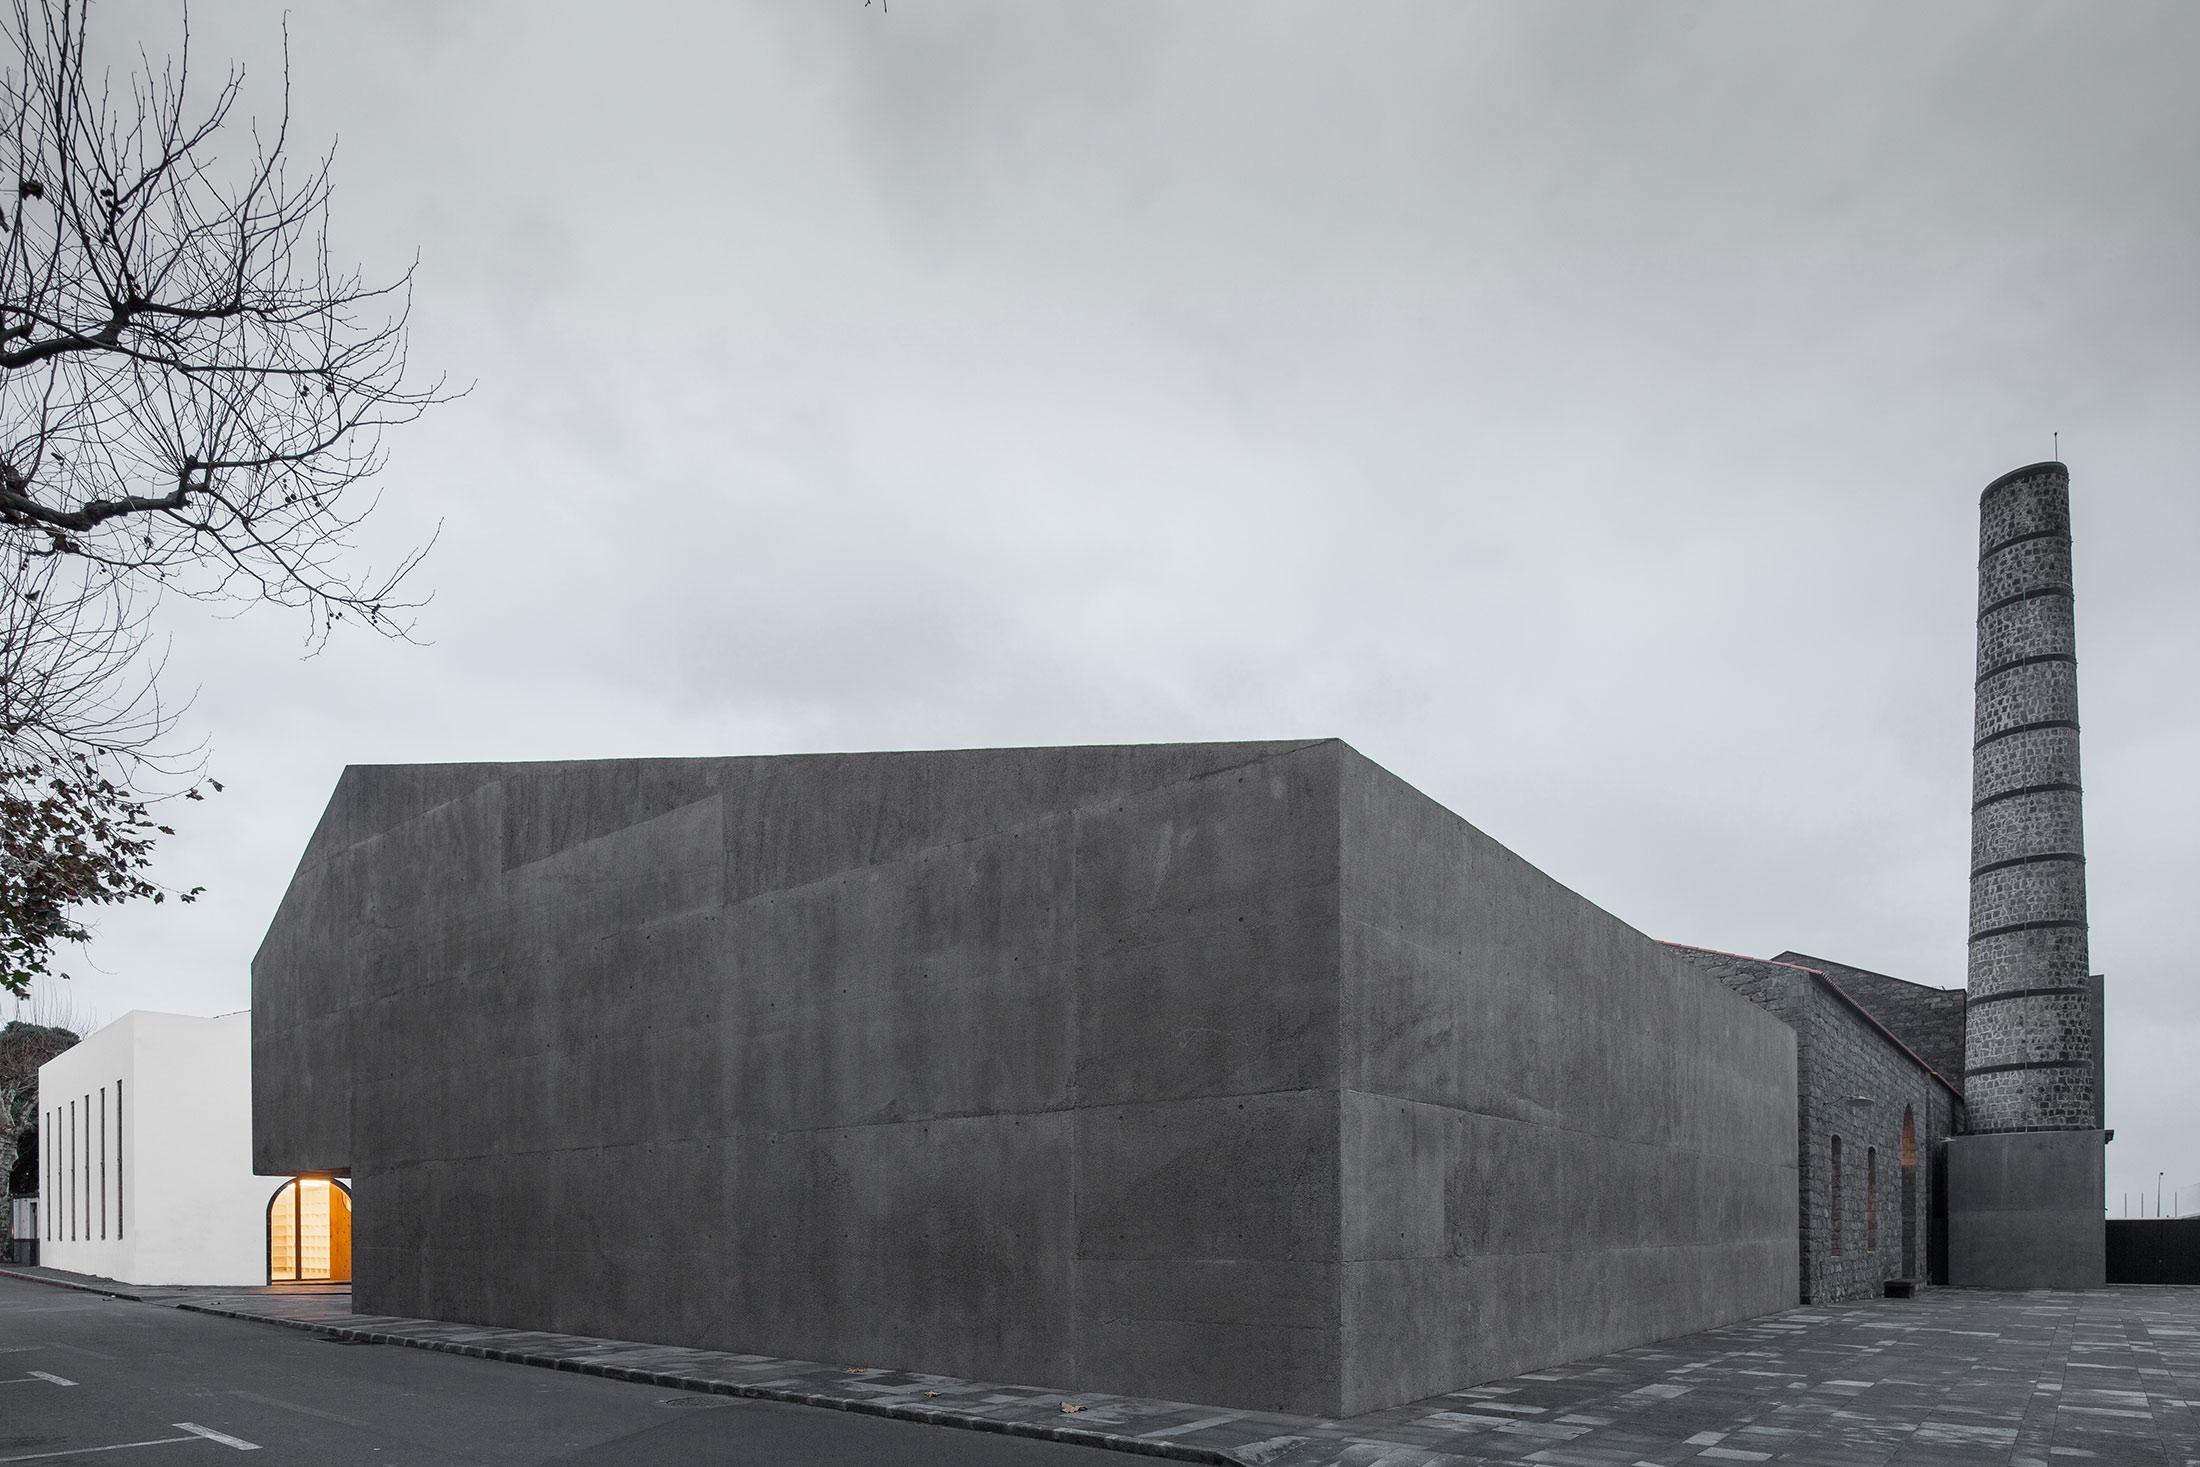 Arquipelago Contemporary Arts Centre